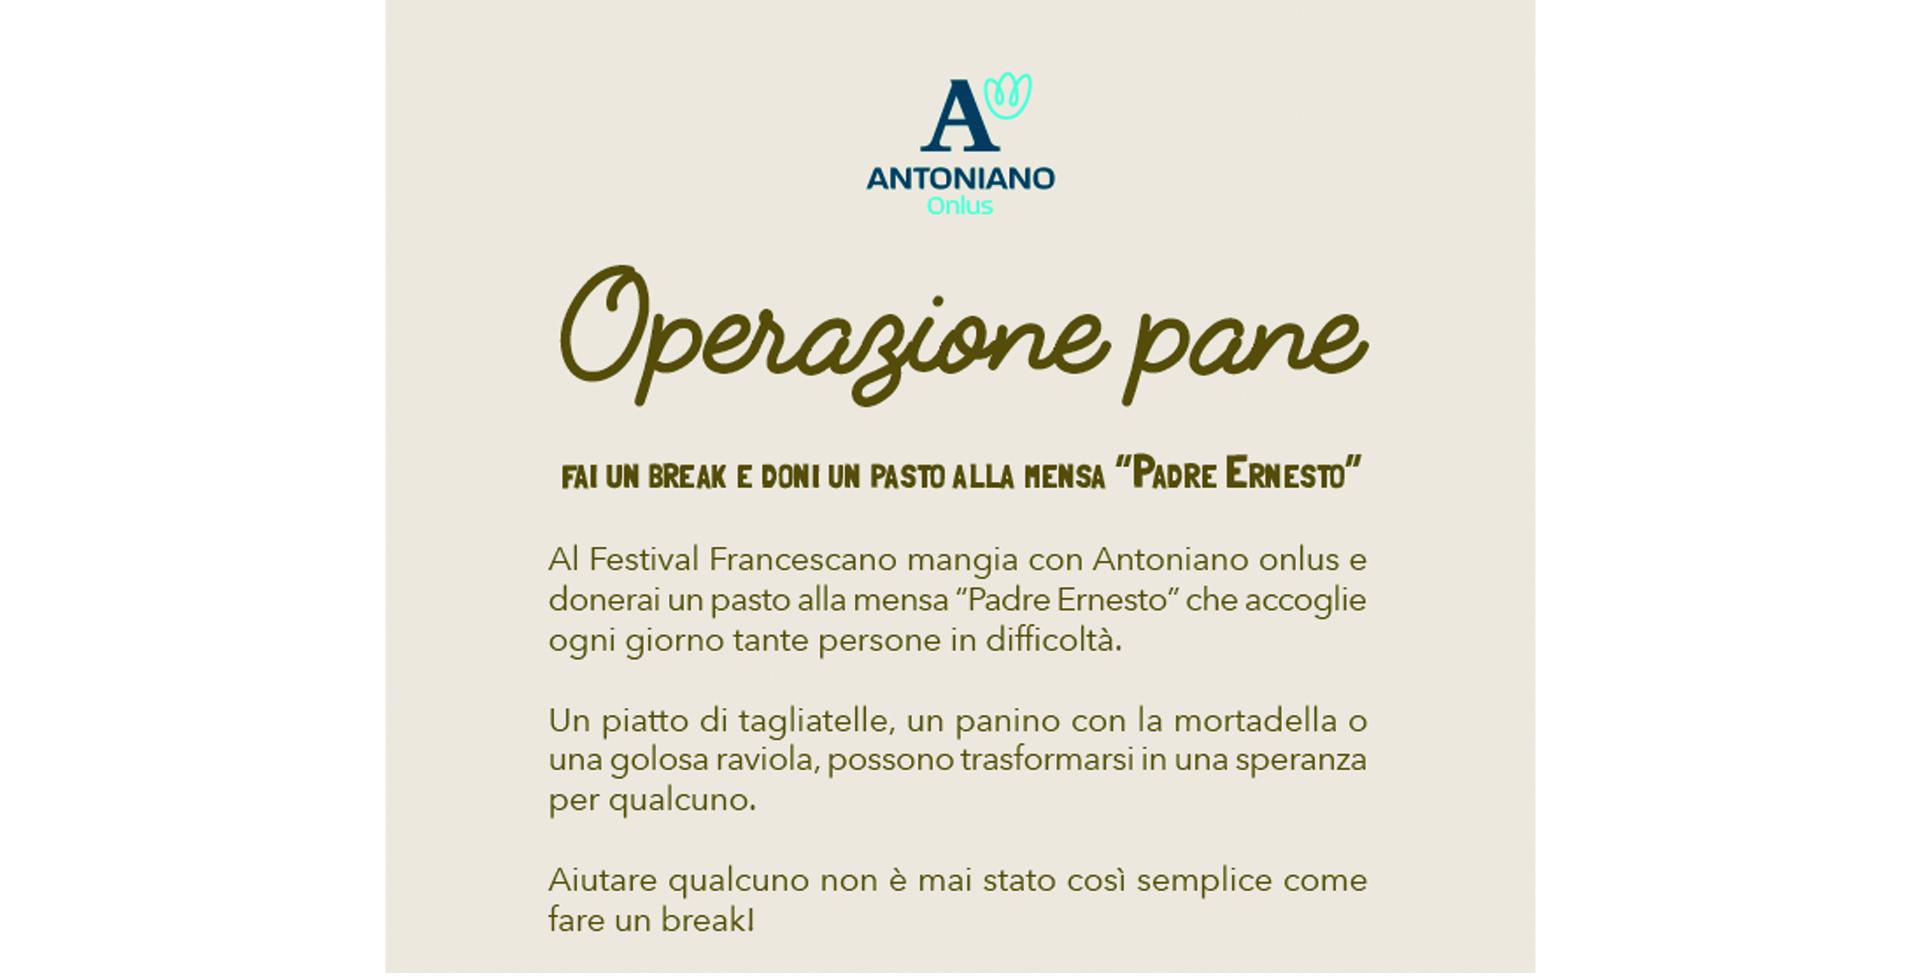 FestivalFrancescano_Antoniano_ (2)